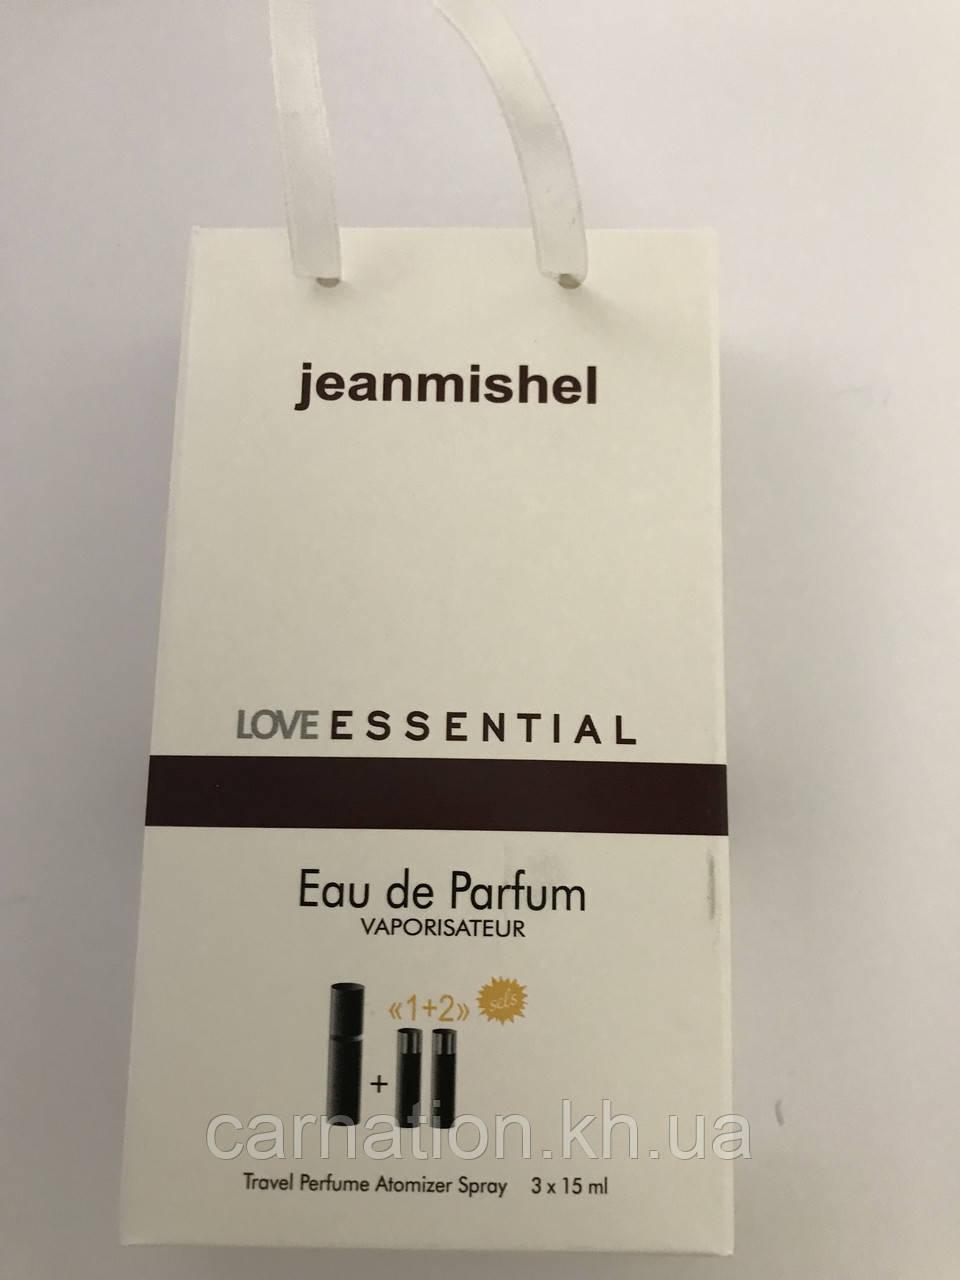 Подарунковий набір LoveEssential Jeanmishel 3*15 мл